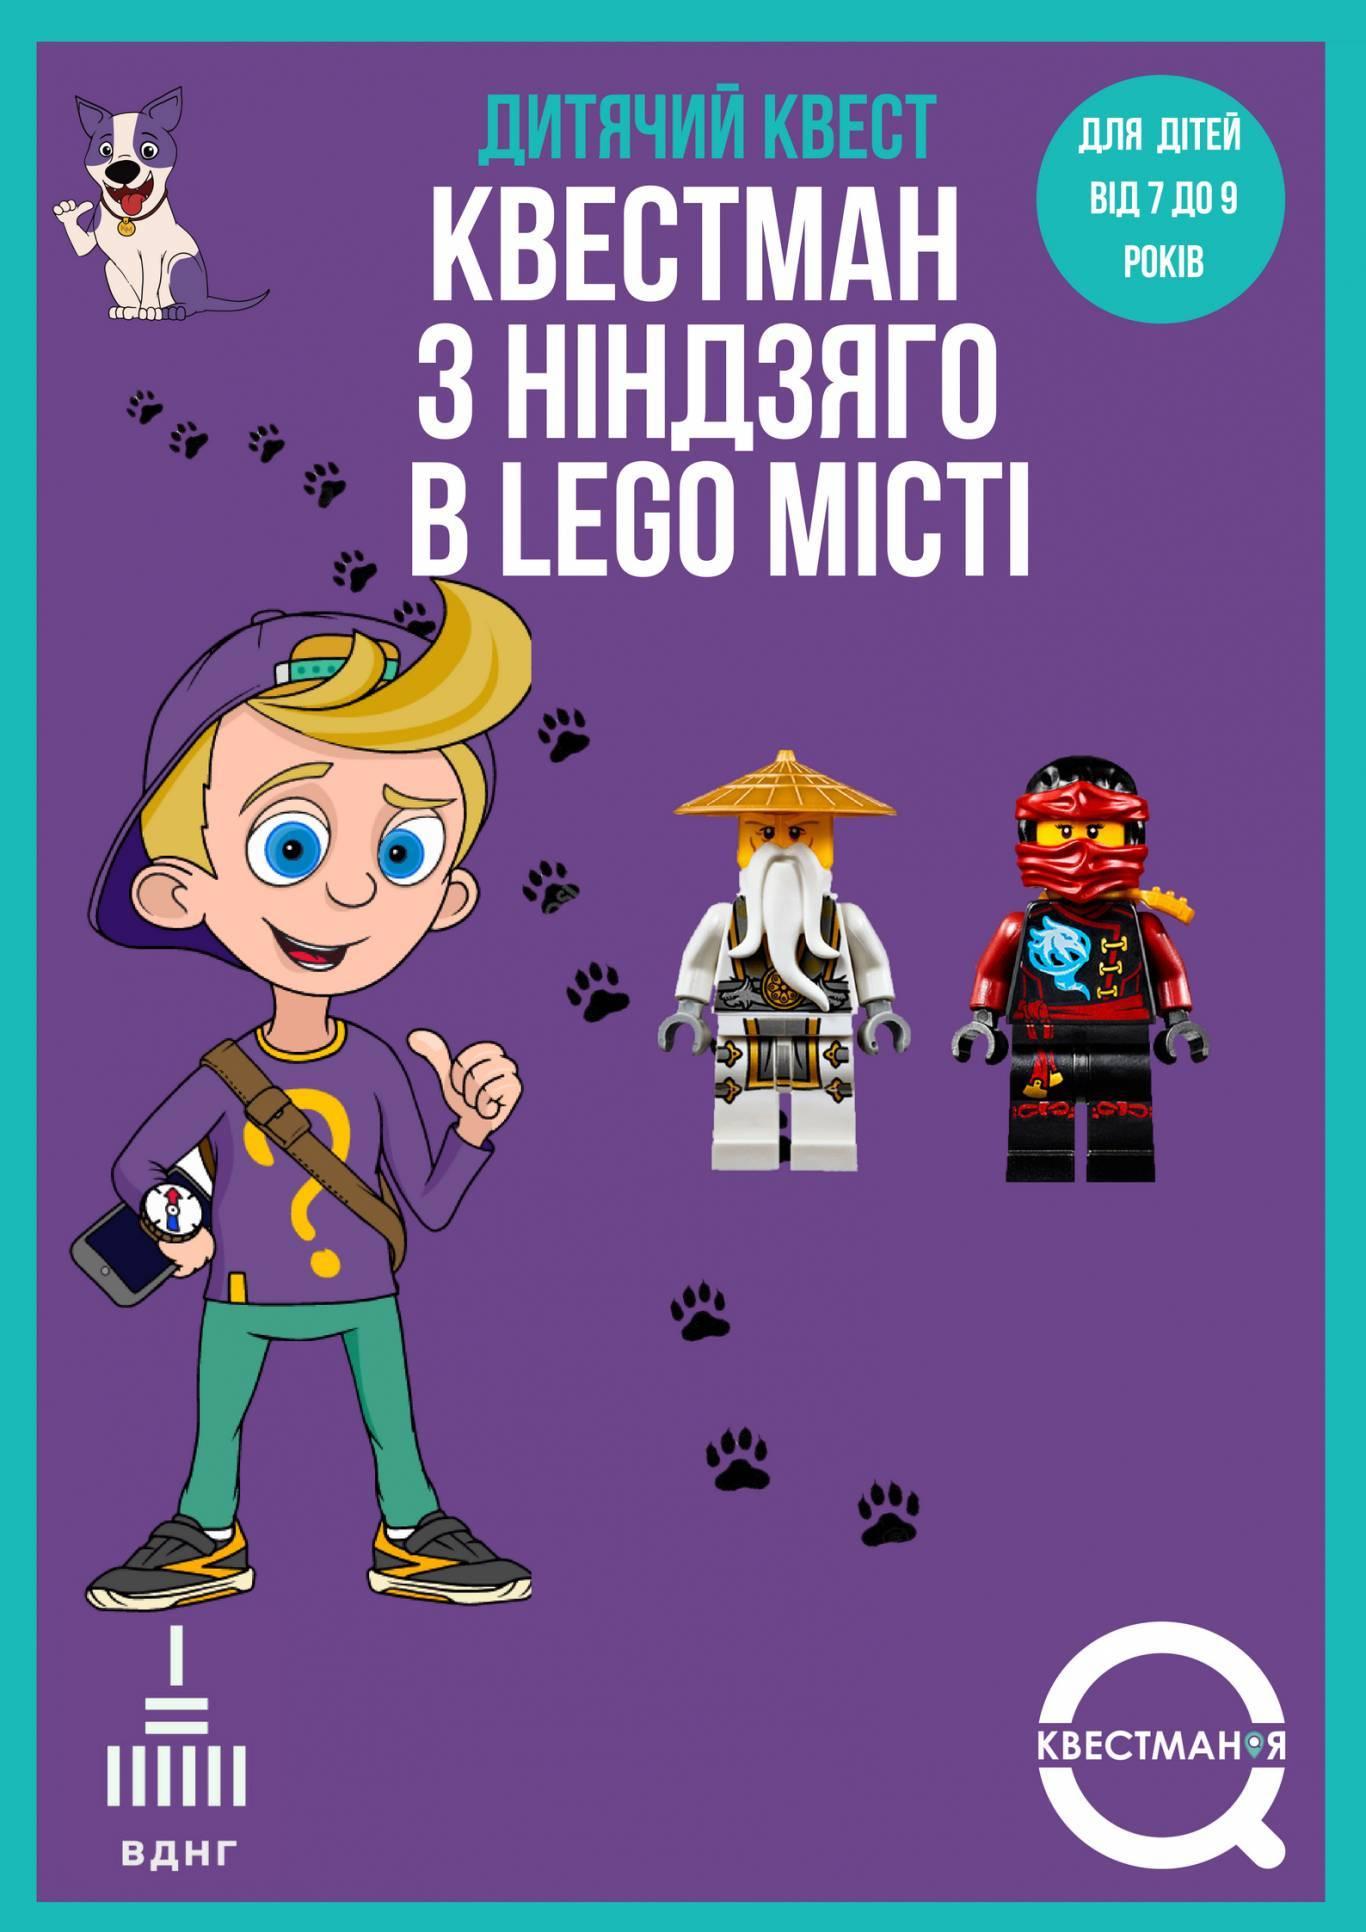 Квестман, Ниндзяго и LEGOрод - Детский квест на ВДНГ